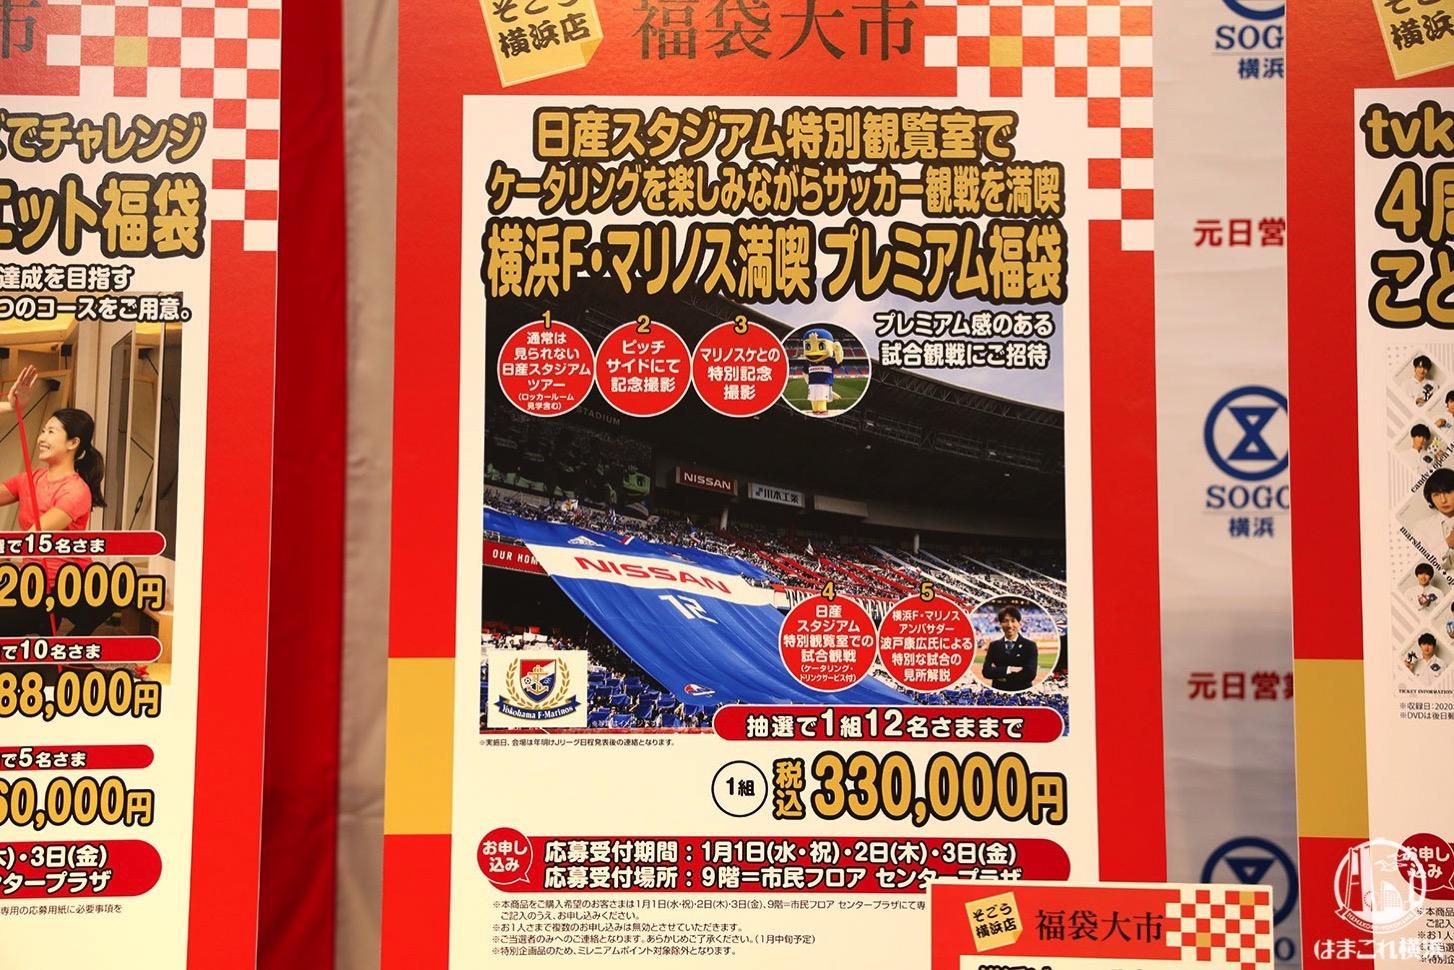 横浜F・マリノス プレミアム試合観戦福袋